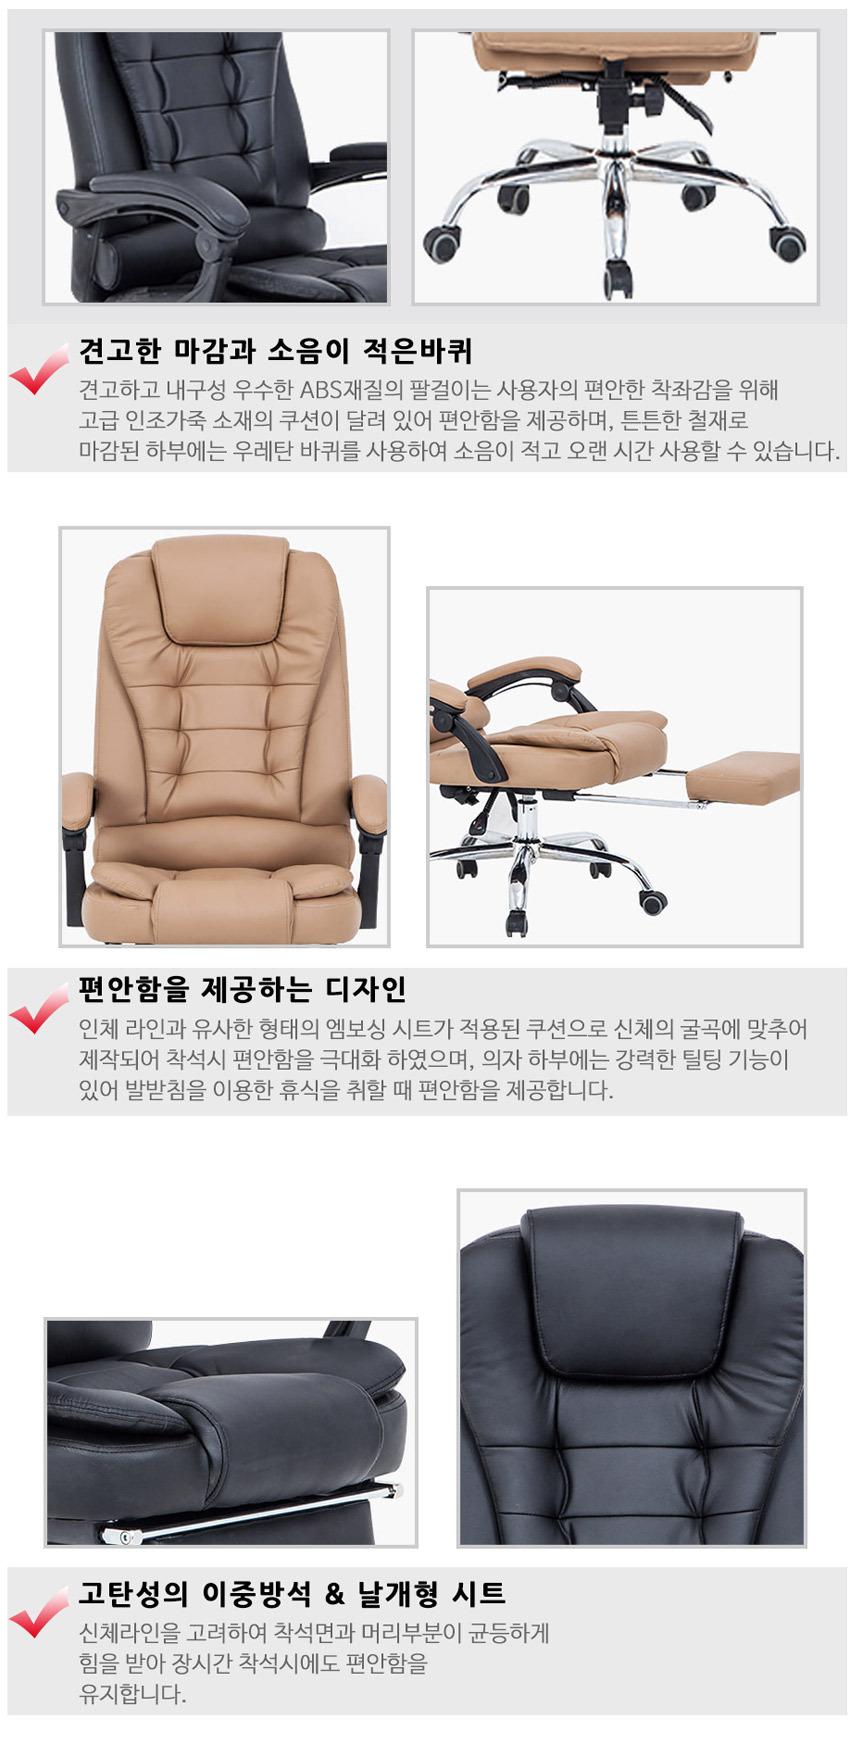 루아트퍼니처 마일로 침대형 중역의자 - 루아트퍼니처, 149,800원, 책상/의자, 오피스 의자